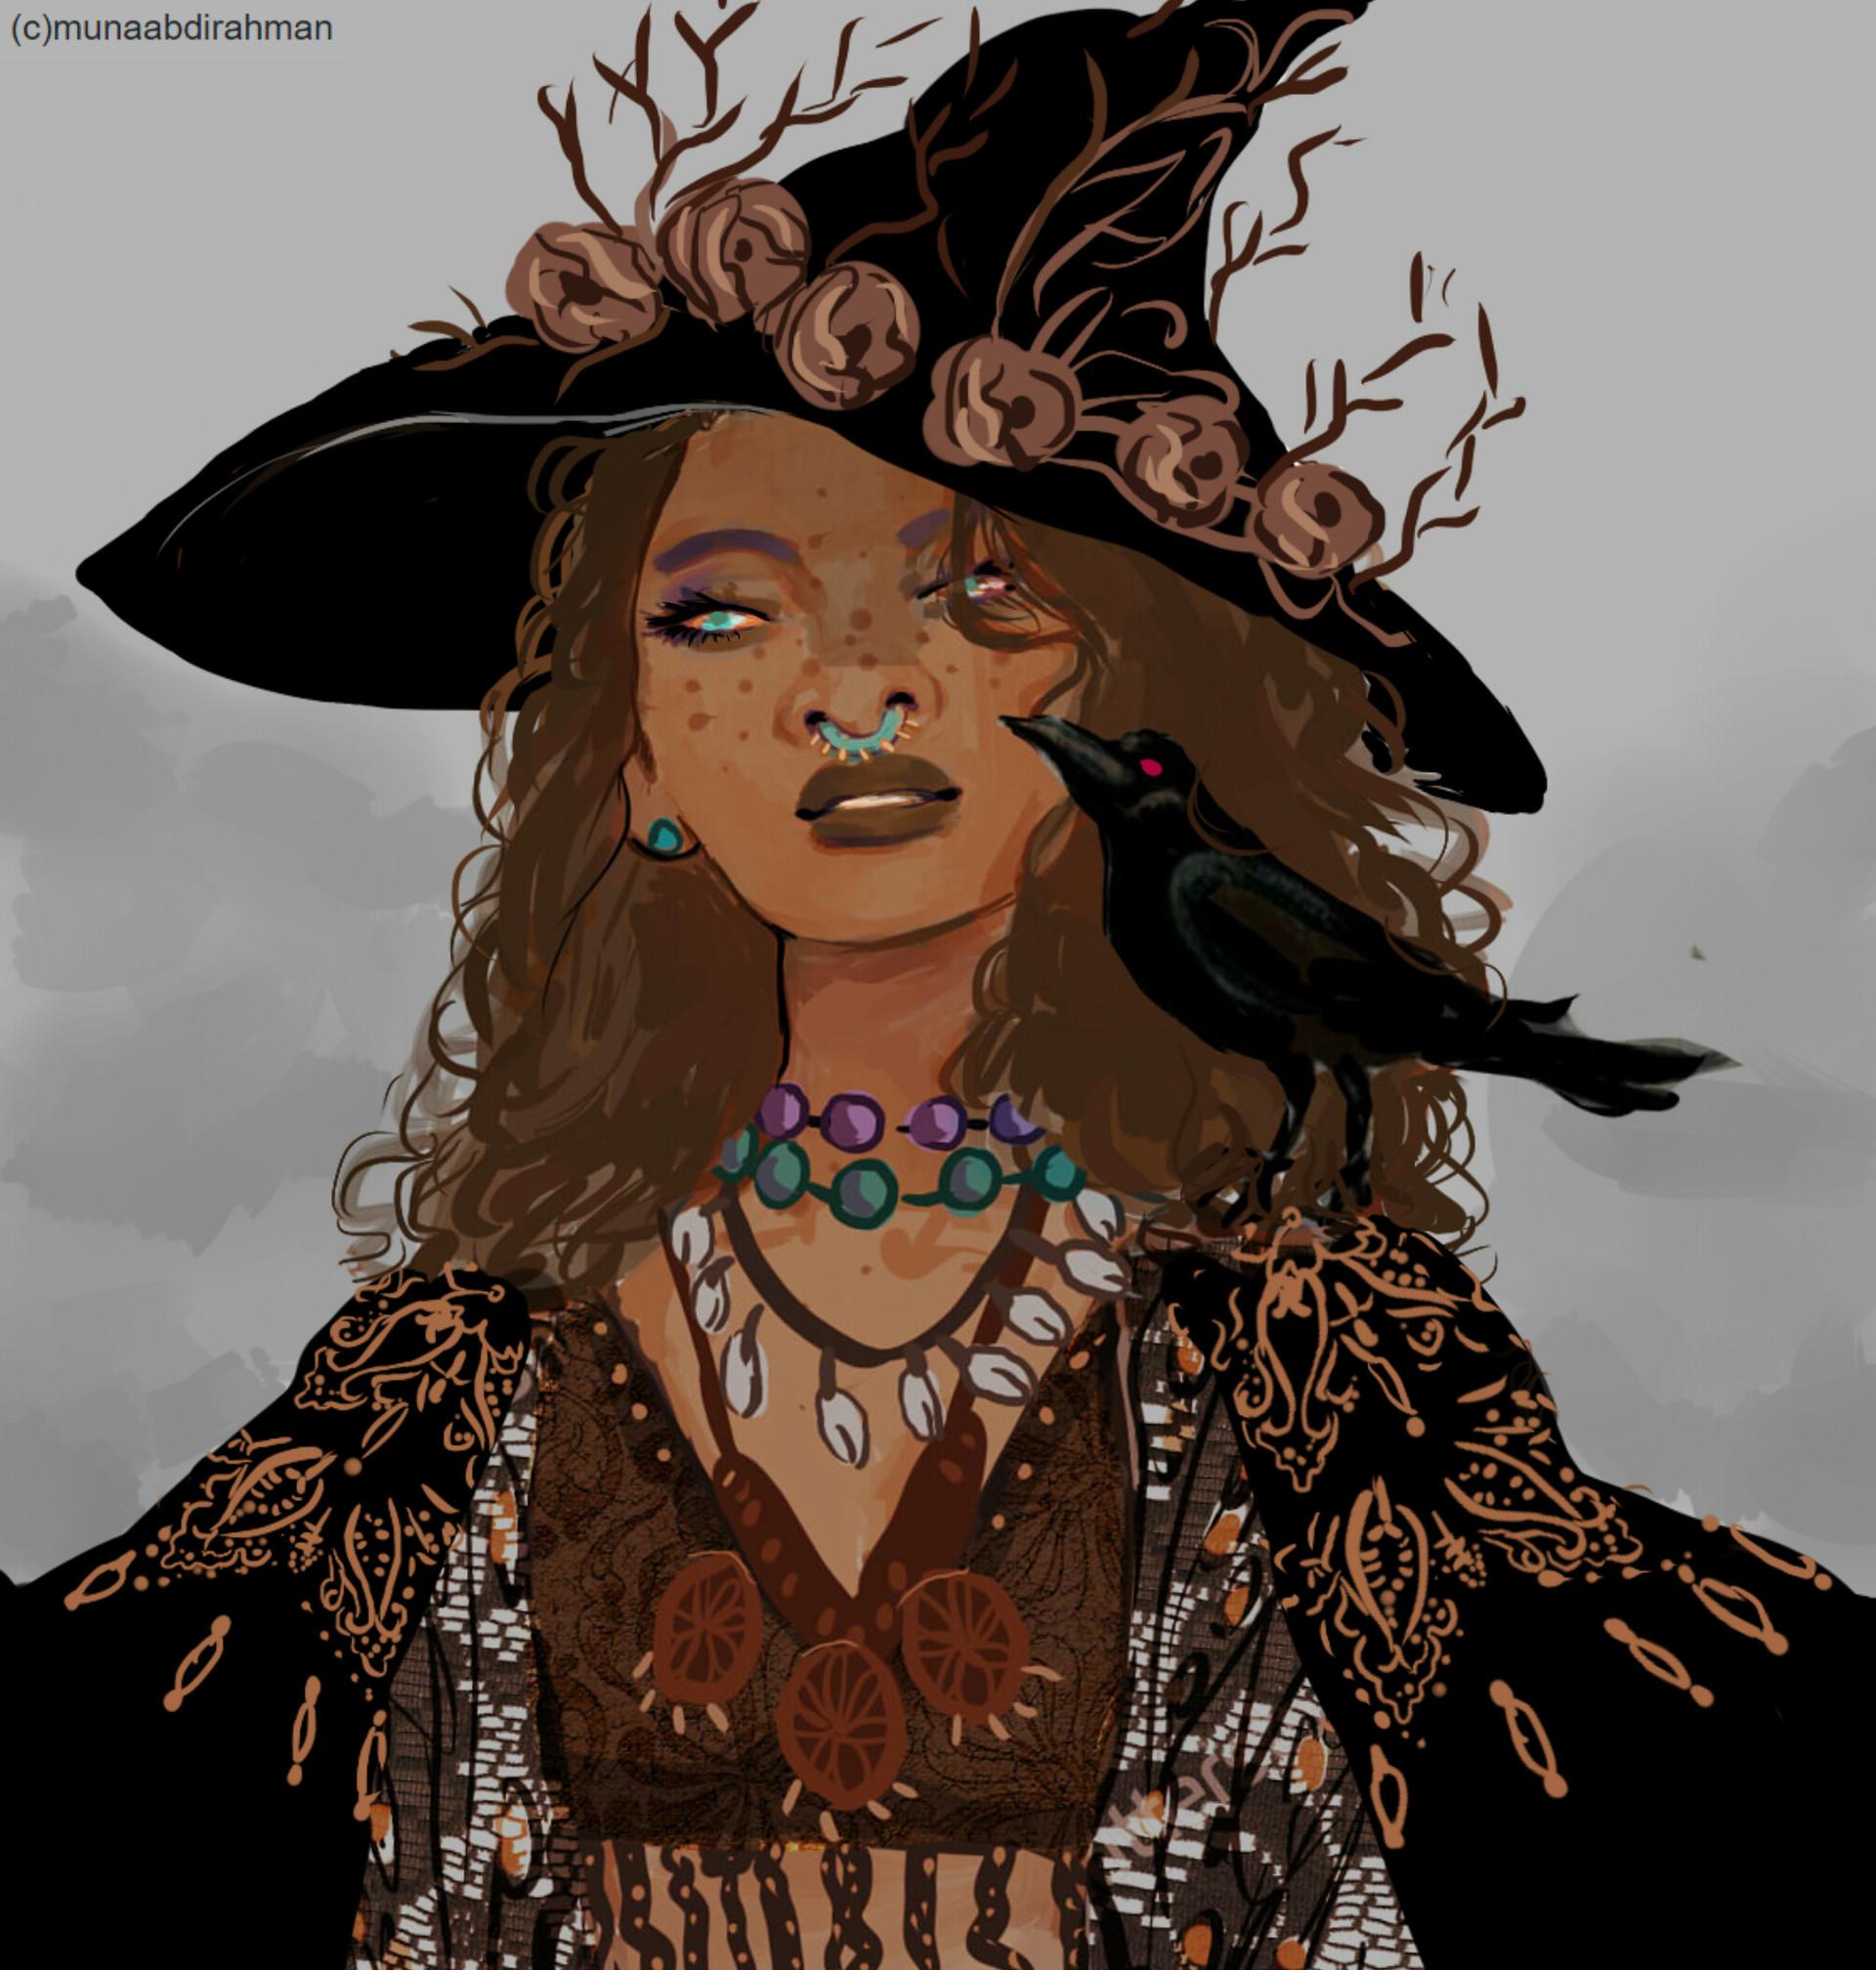 The Golden Death Witch, Muna Abdirahman